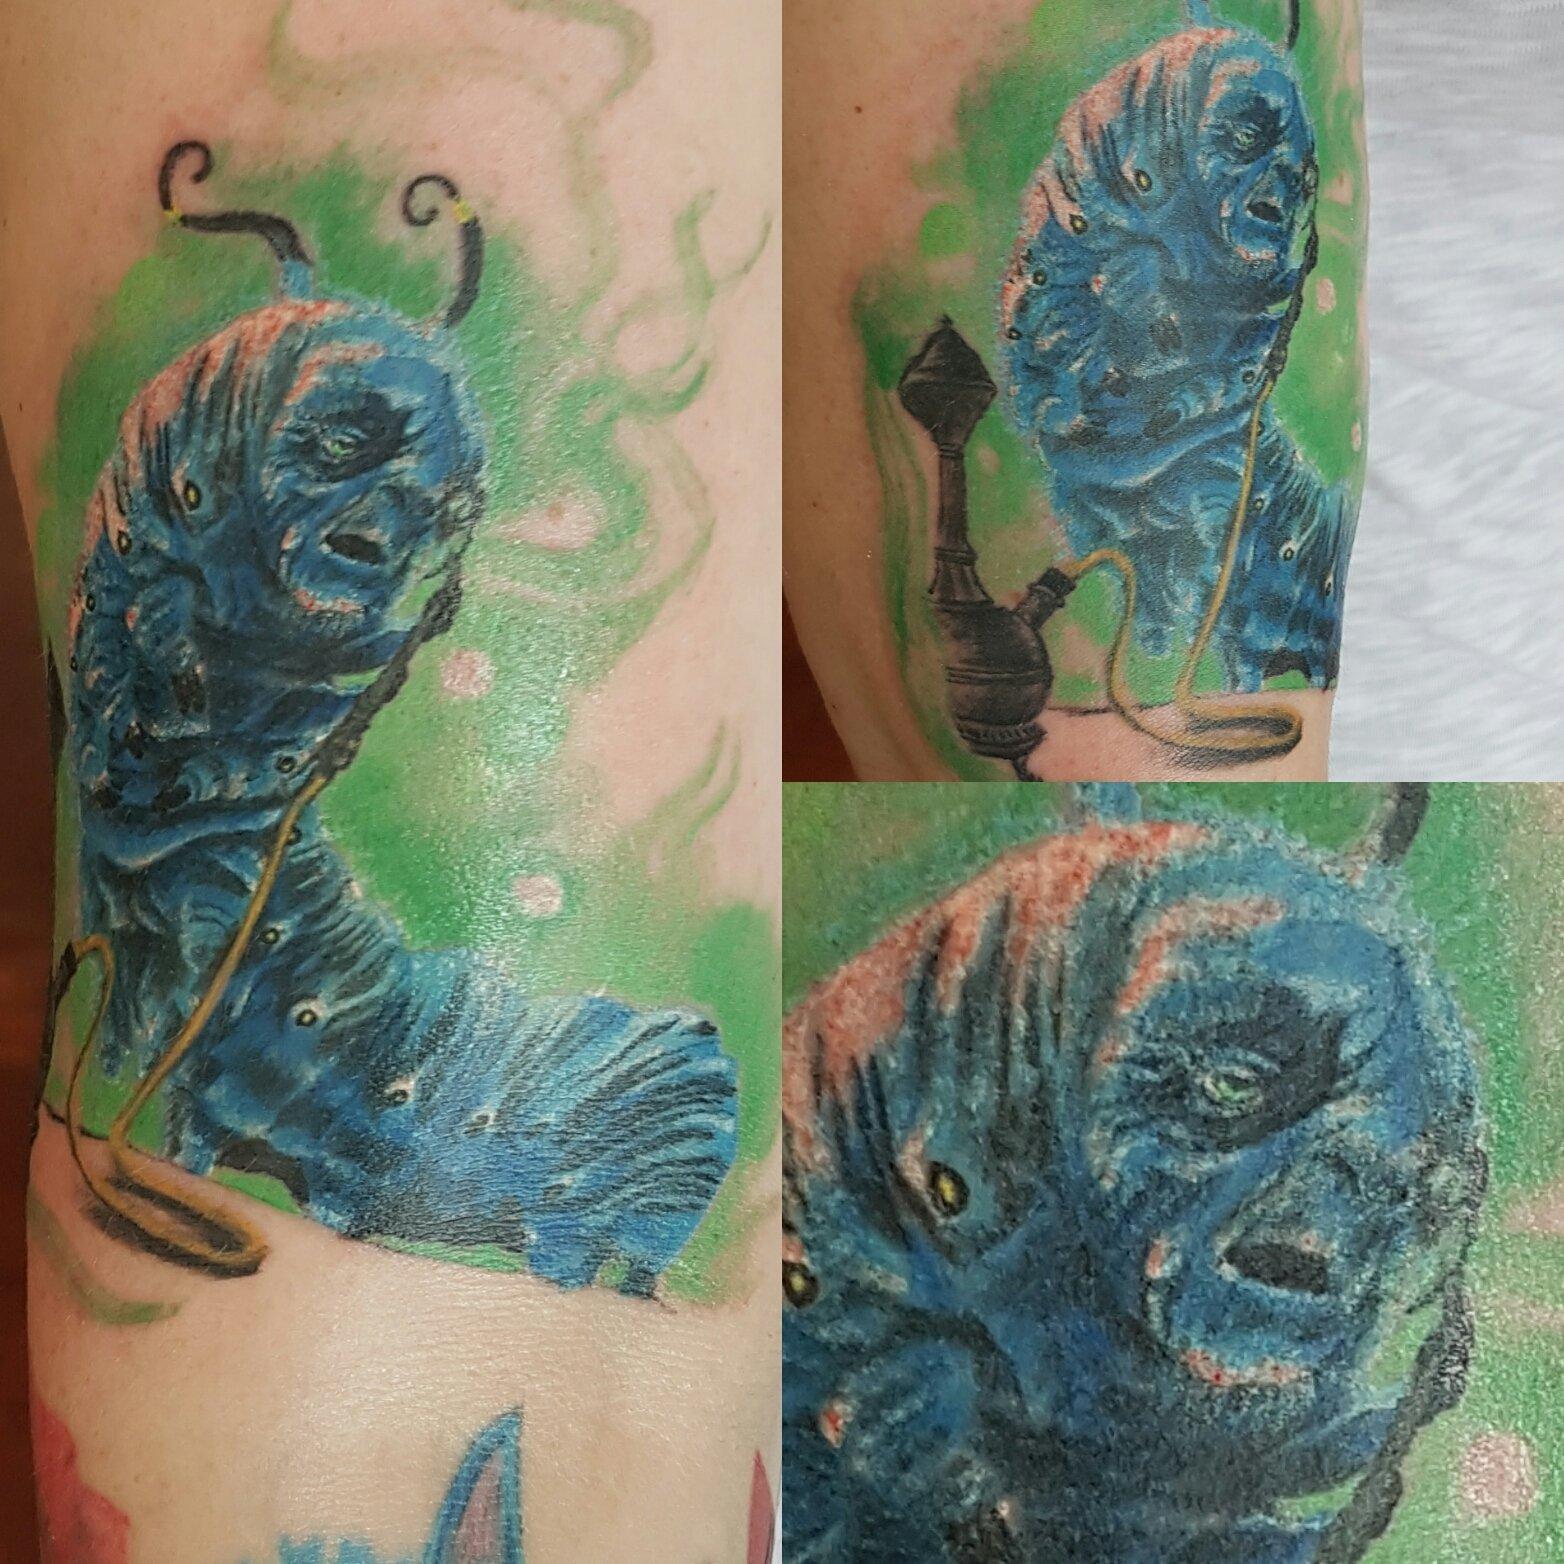 tattoo of a caterpillar